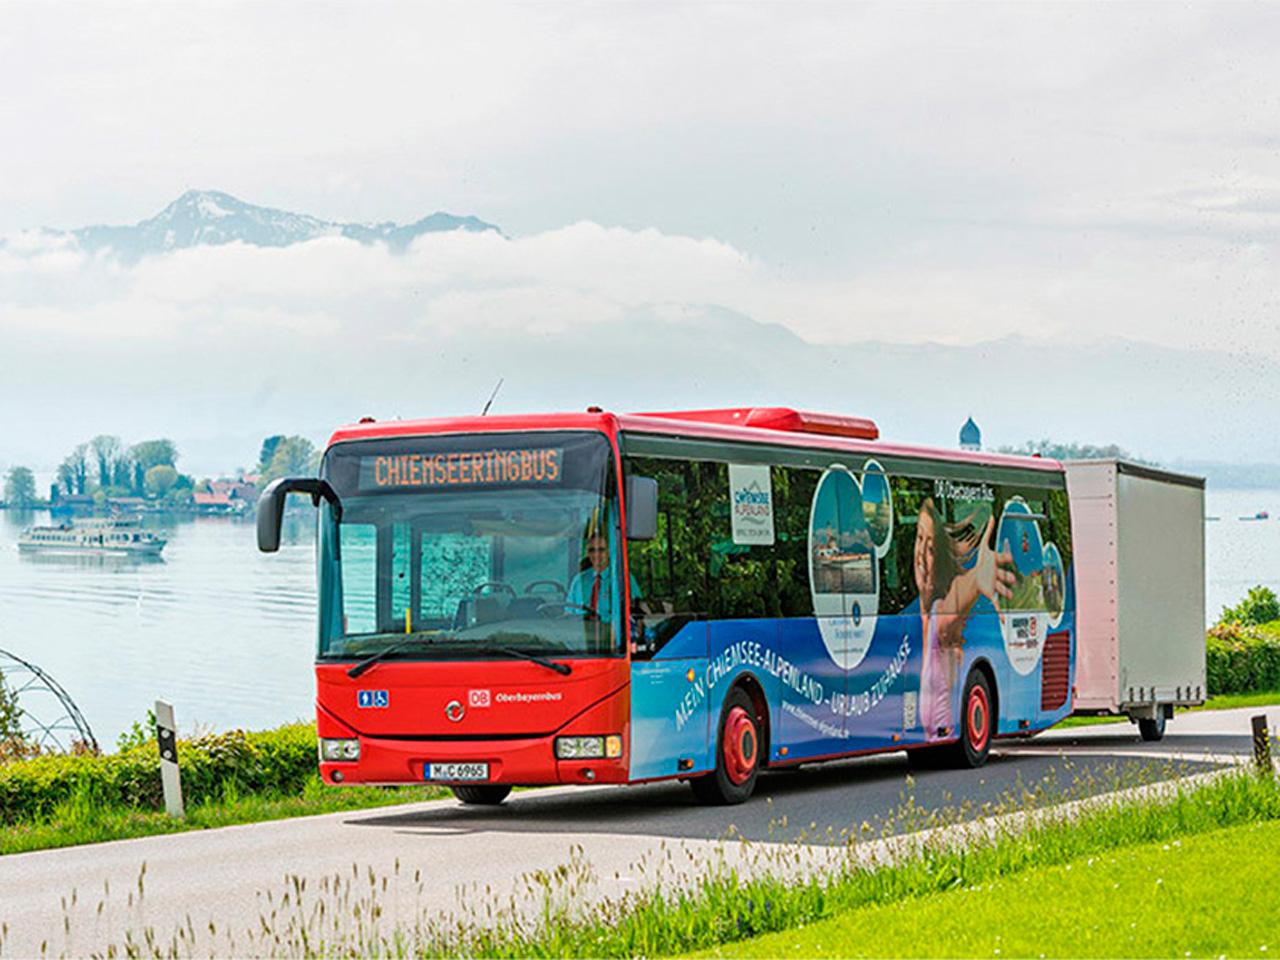 Der Chiemseeringbus mit Mitnahmemöglichkeit von Fahrrädern (Quelle: www.chiemsee-alpenland.de)